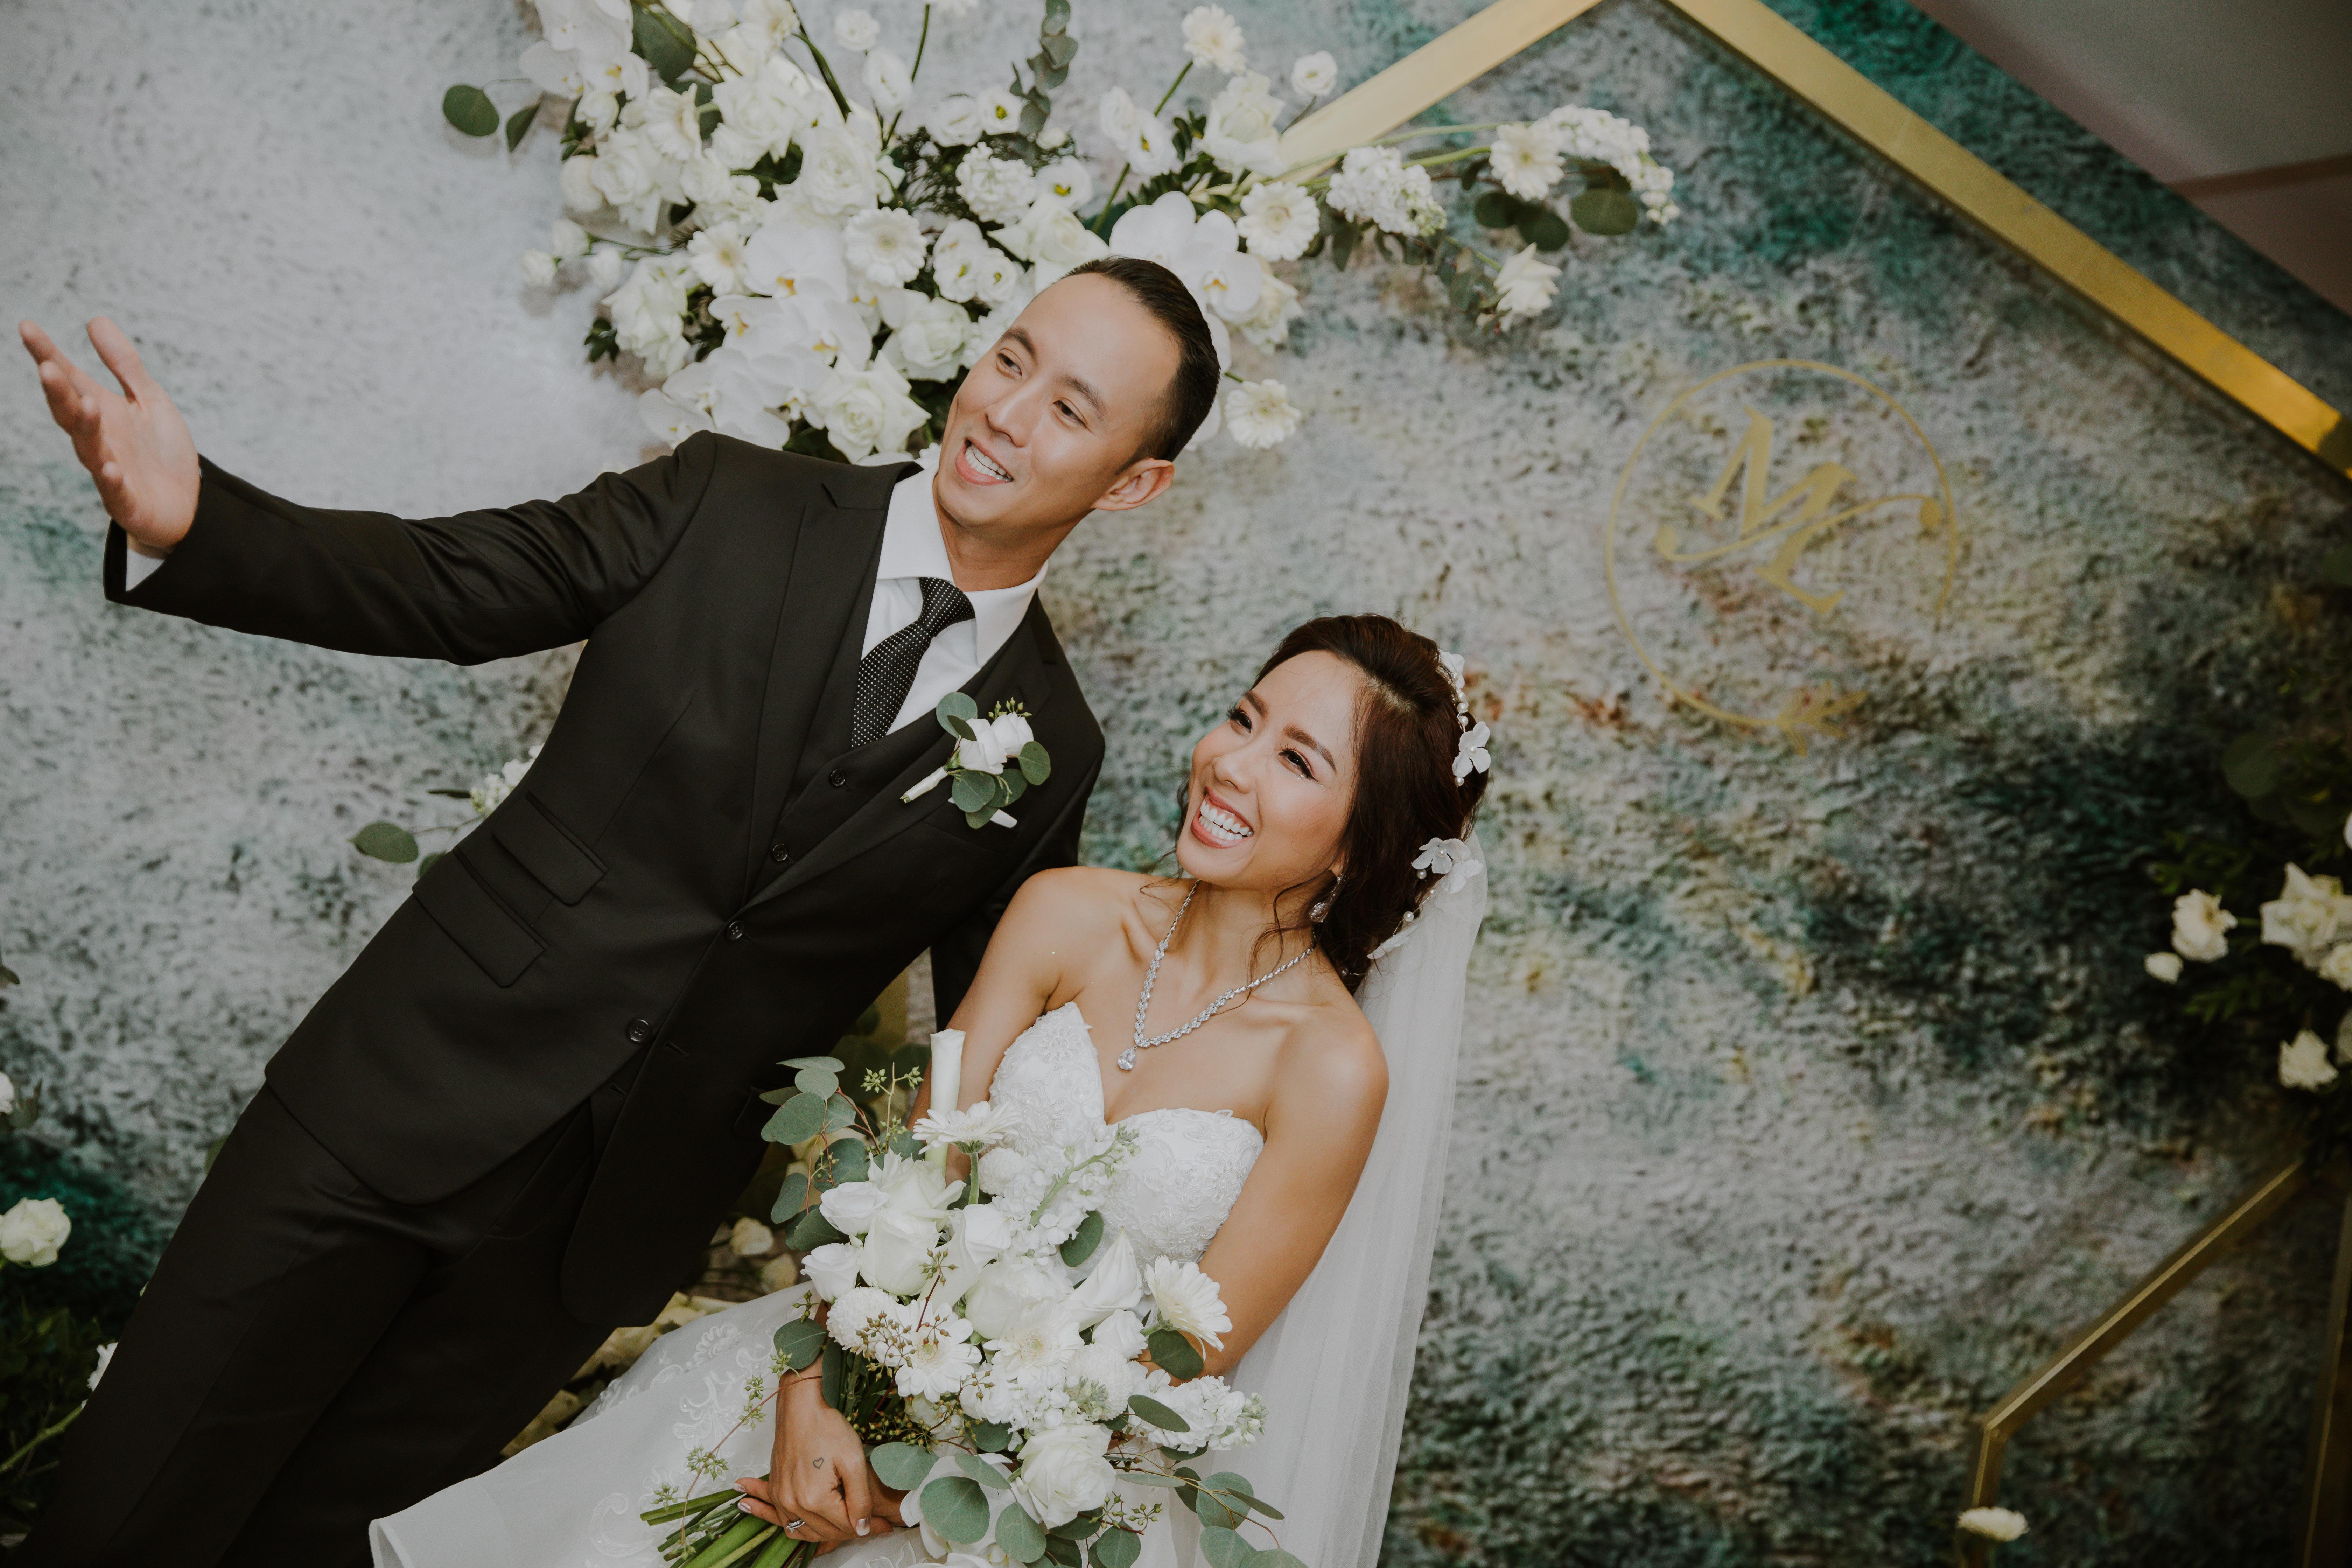 My Lan Nguyễn - Cô gái có cuộc tình như mơ từ FB và sự thuyết phục đầy nỗ lực với phụ huynh để được mặc váy cưới màu tím, hoá thành Unicorns trong hôn lễ của chính mình - Ảnh 23.